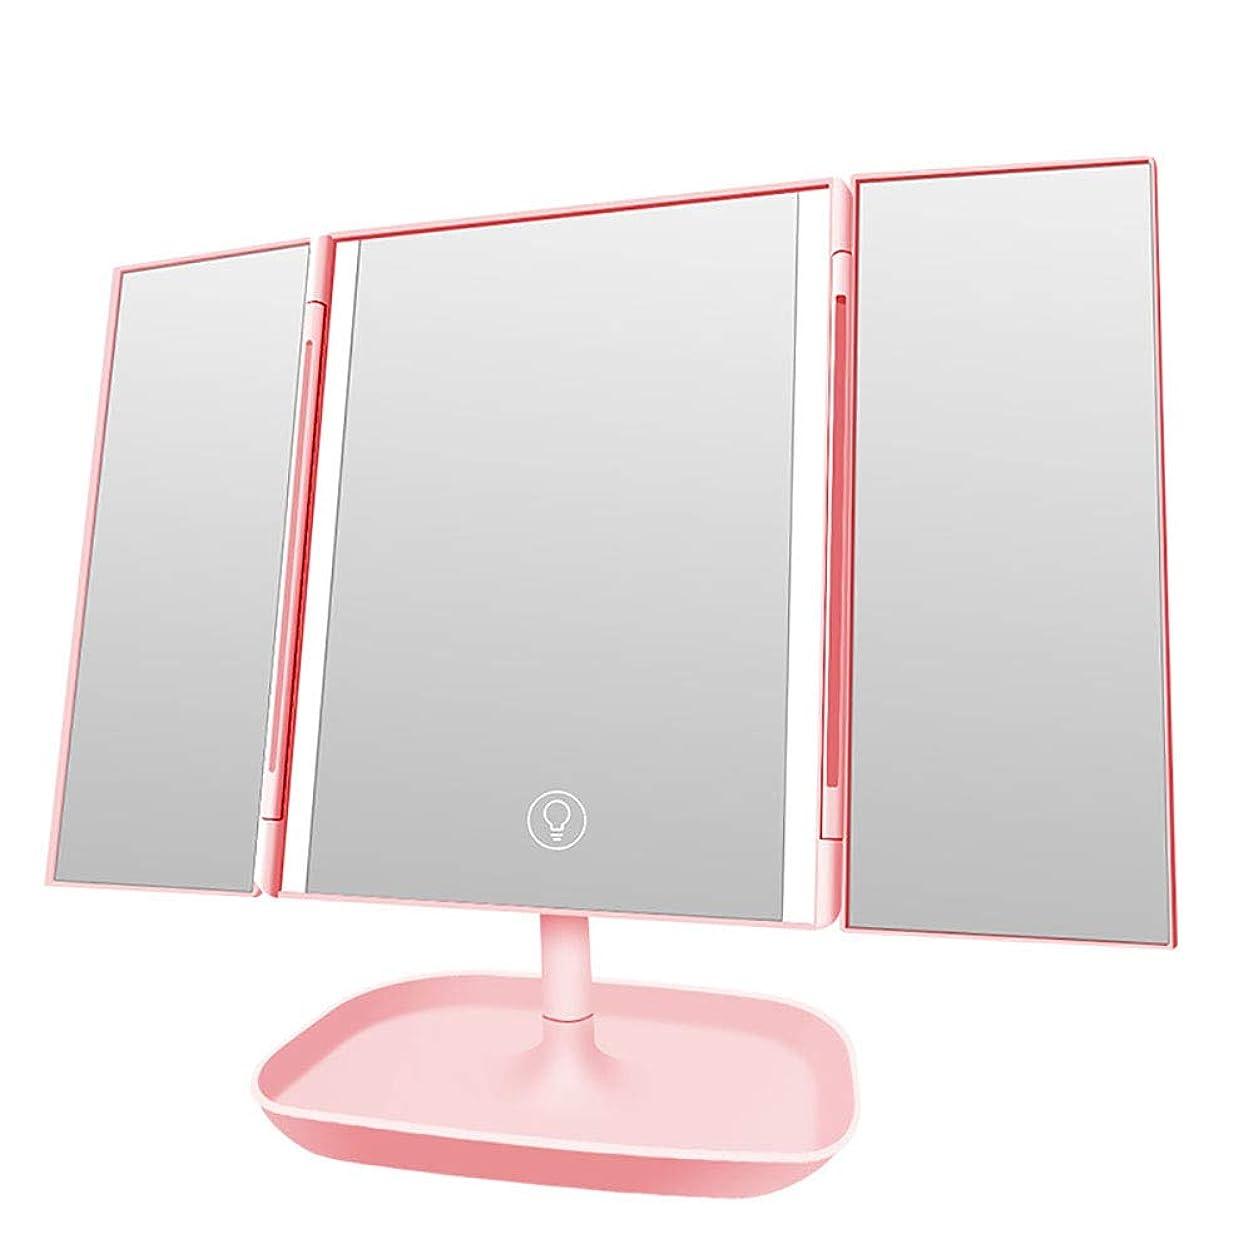 寄生虫集団美徳LEDメイクアップミラー、発光メイクアップミラー3つ折りusb、女性のメイクアップミラー180°回転10倍の虫眼鏡の基本的な収納ボックスデザインは日常生活に適しています